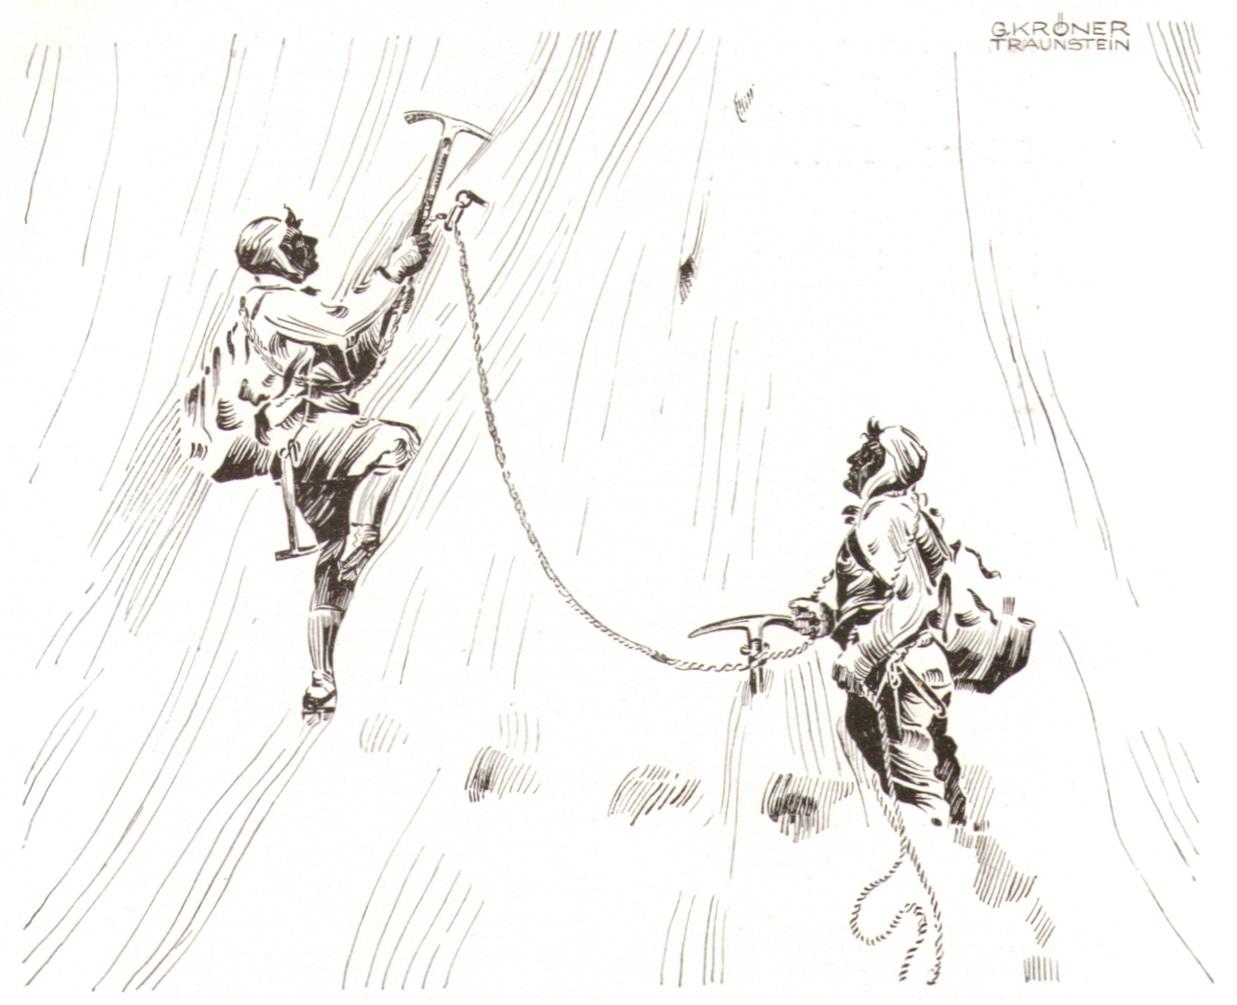 Gustav Kroener - Grandes Jorasses Nordwandp.jpg